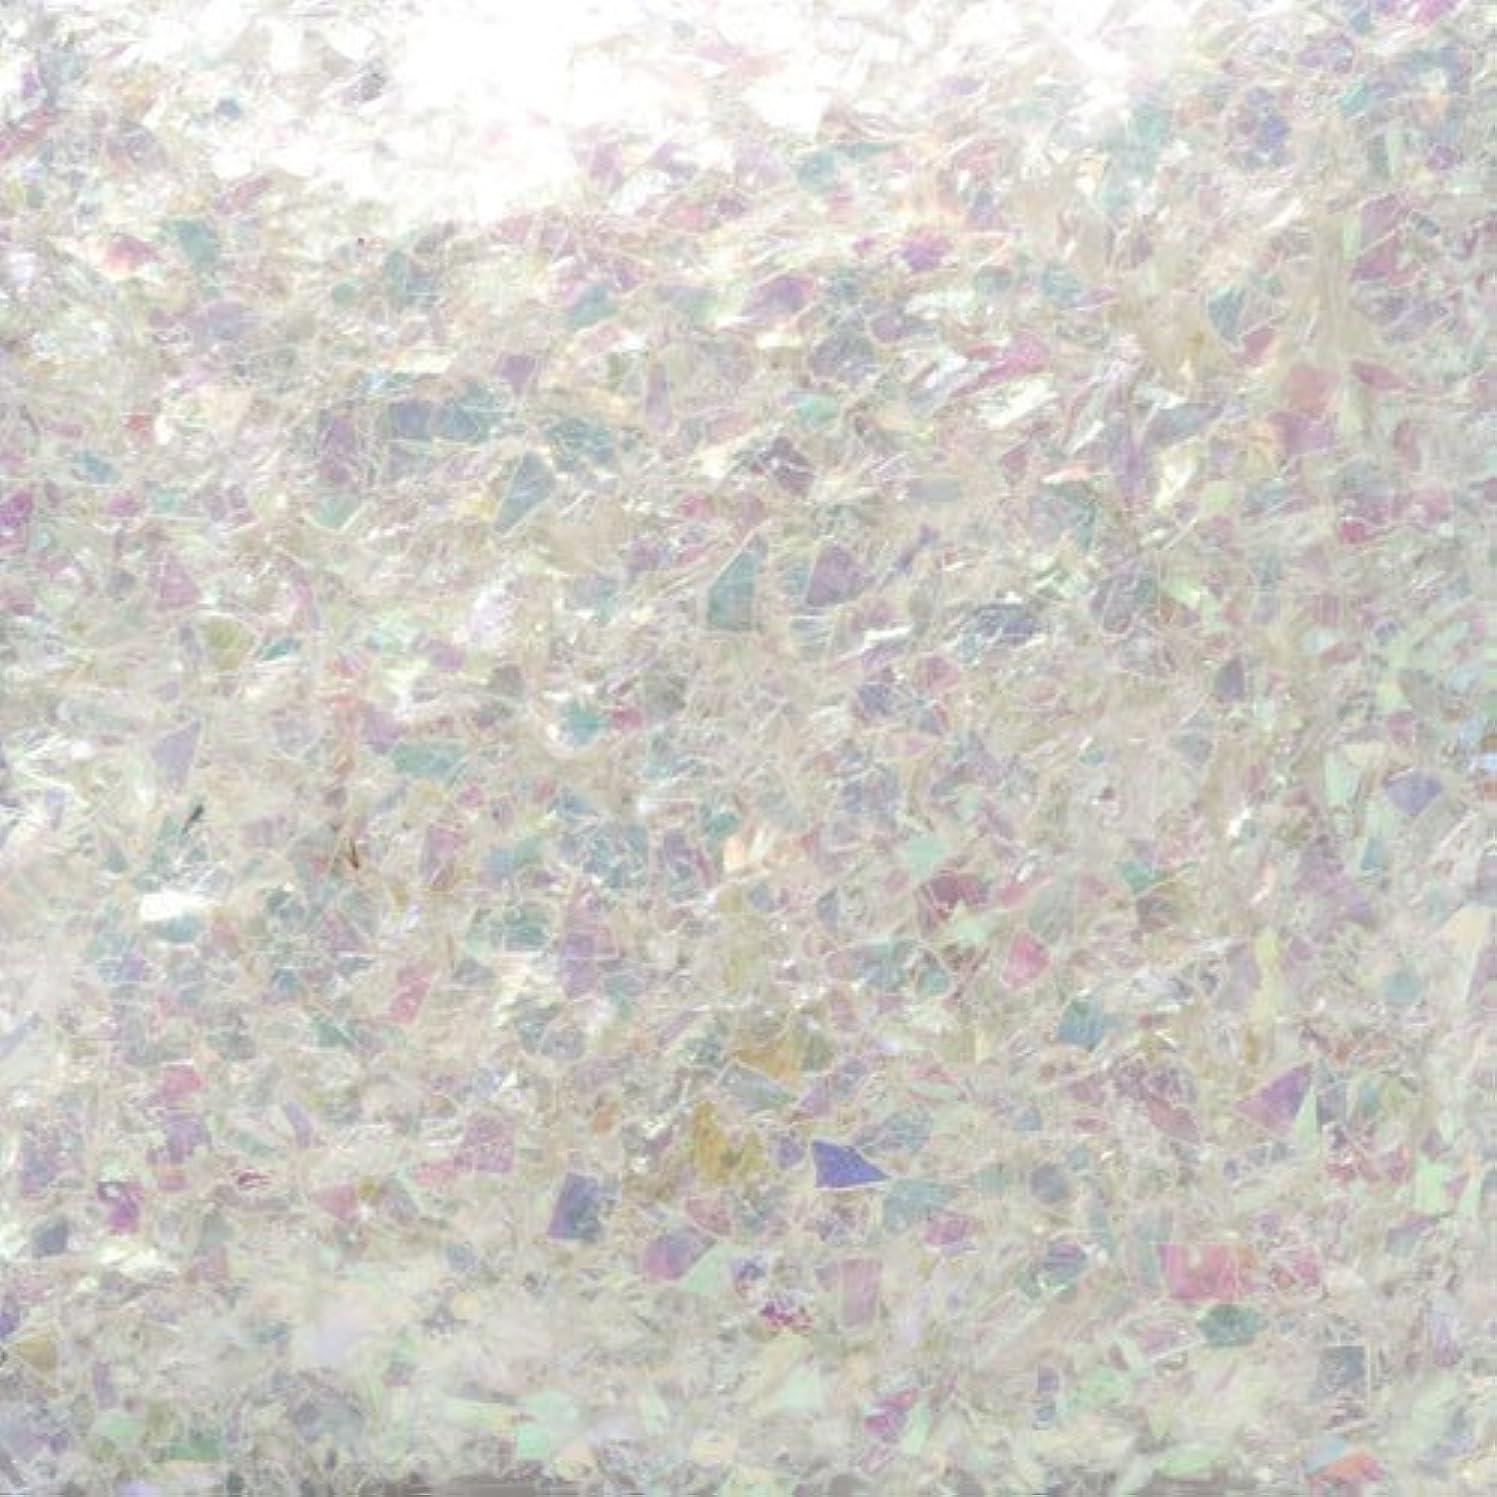 期待して文句を言う好むピカエース ネイル用パウダー ピカエース 乱切オーロラ #710 ホワイト 1g アート材